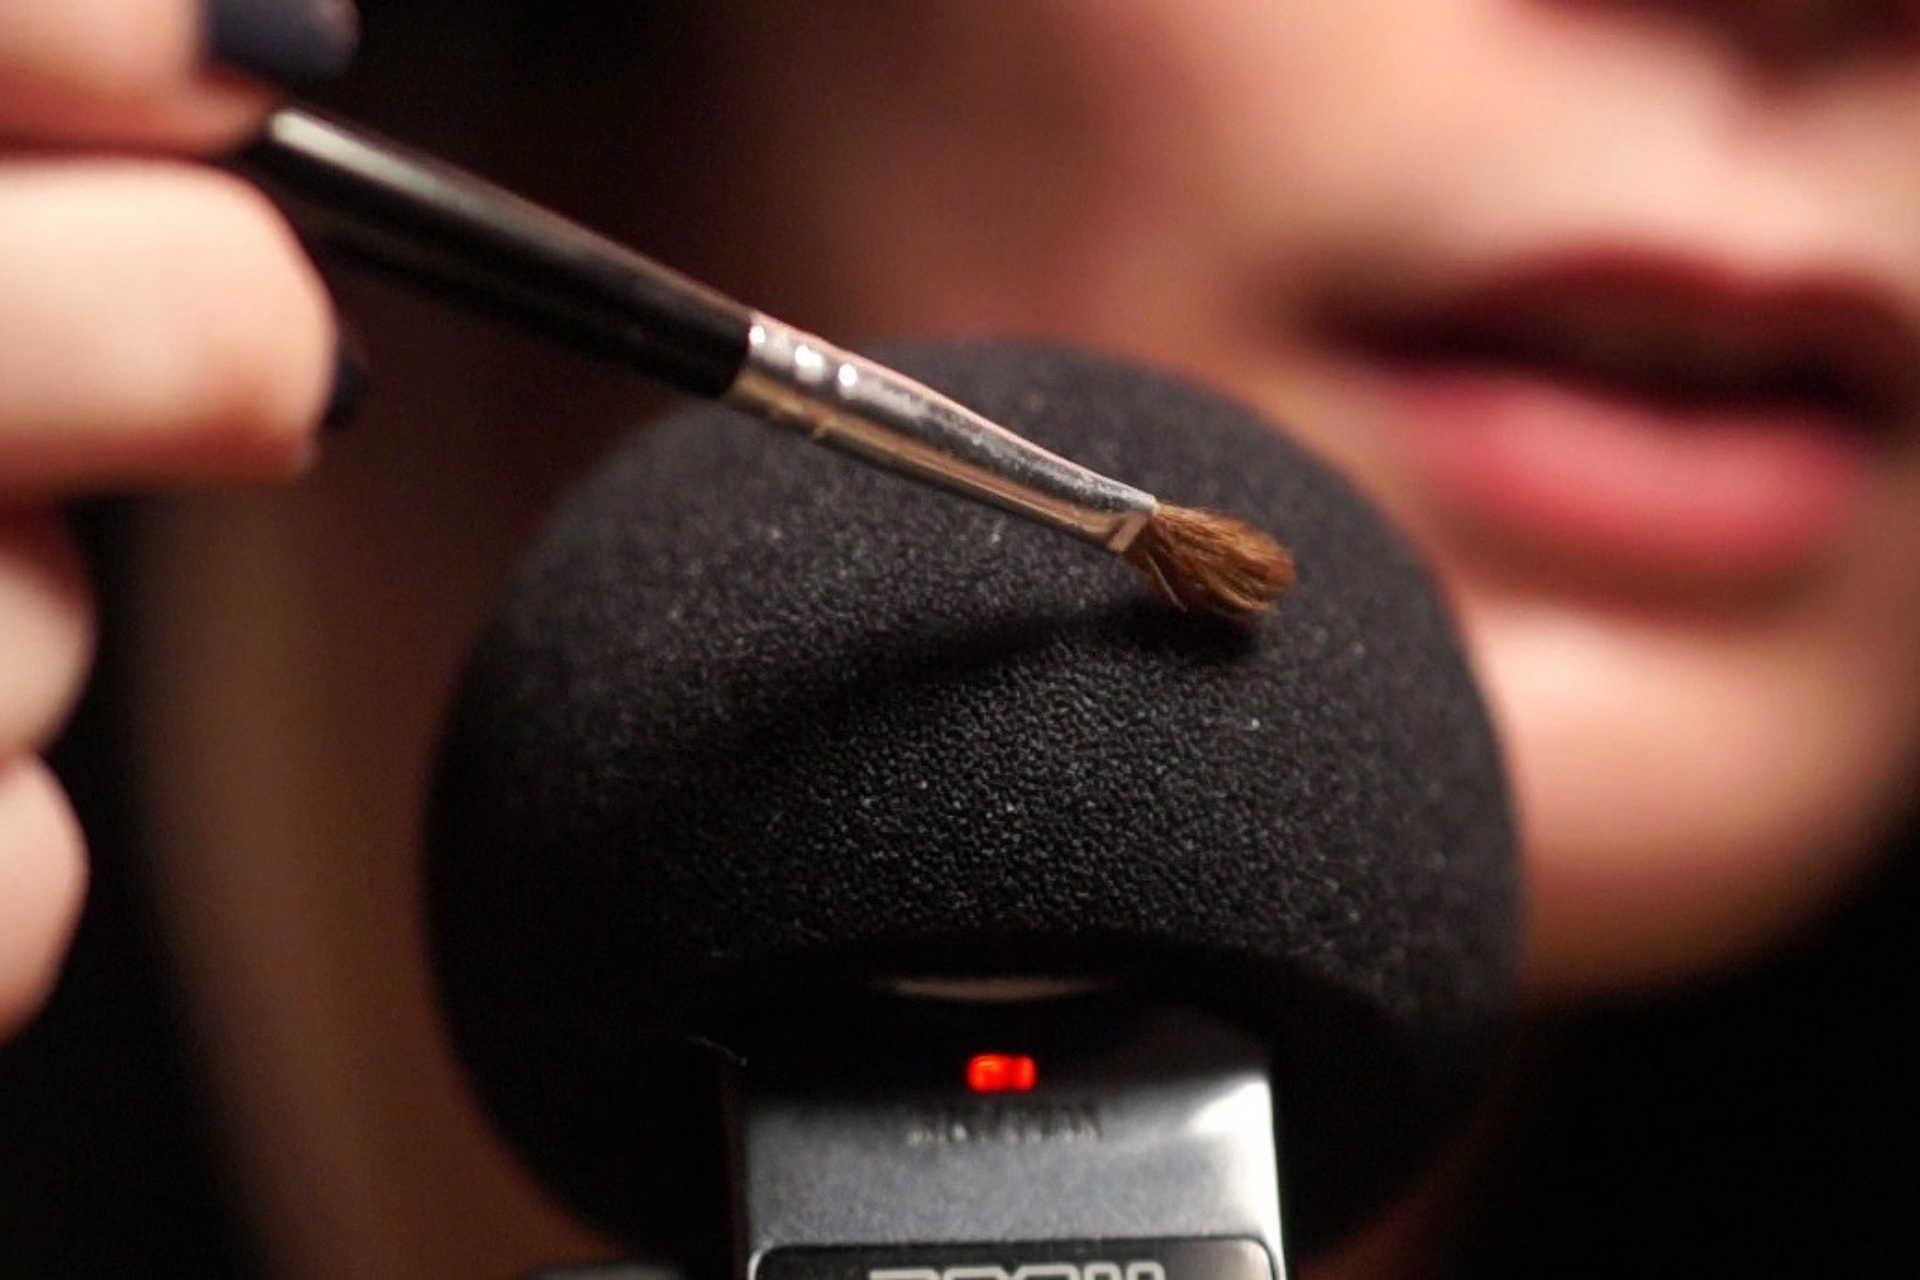 női orgazmus audio fekete leszbikus strapon cső